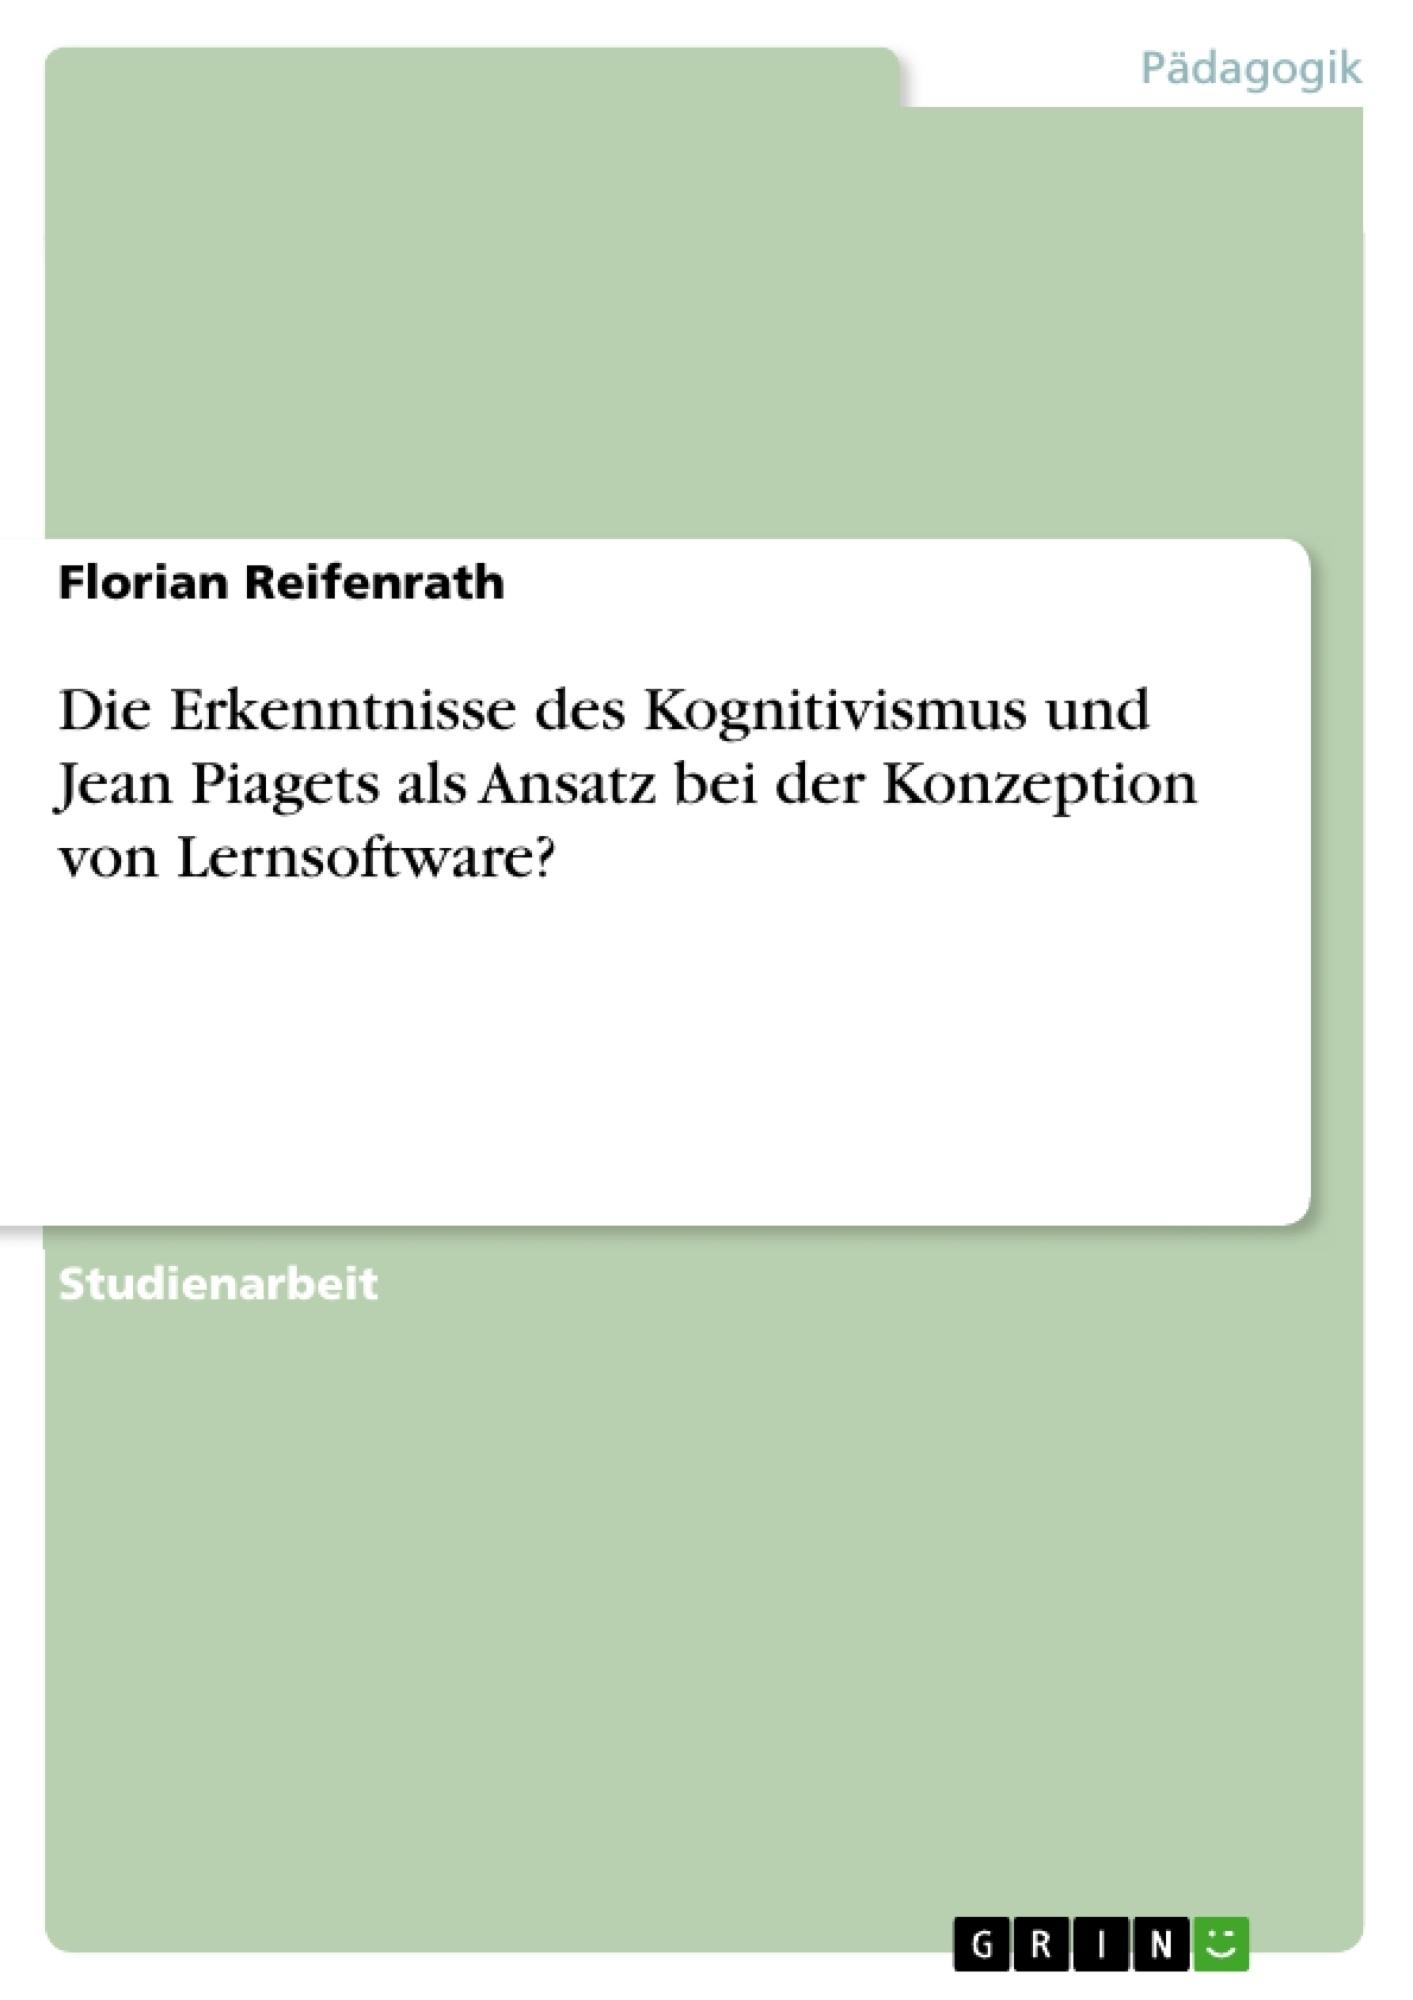 Titel: Die Erkenntnisse des Kognitivismus und Jean Piagets als Ansatz bei der Konzeption von Lernsoftware?